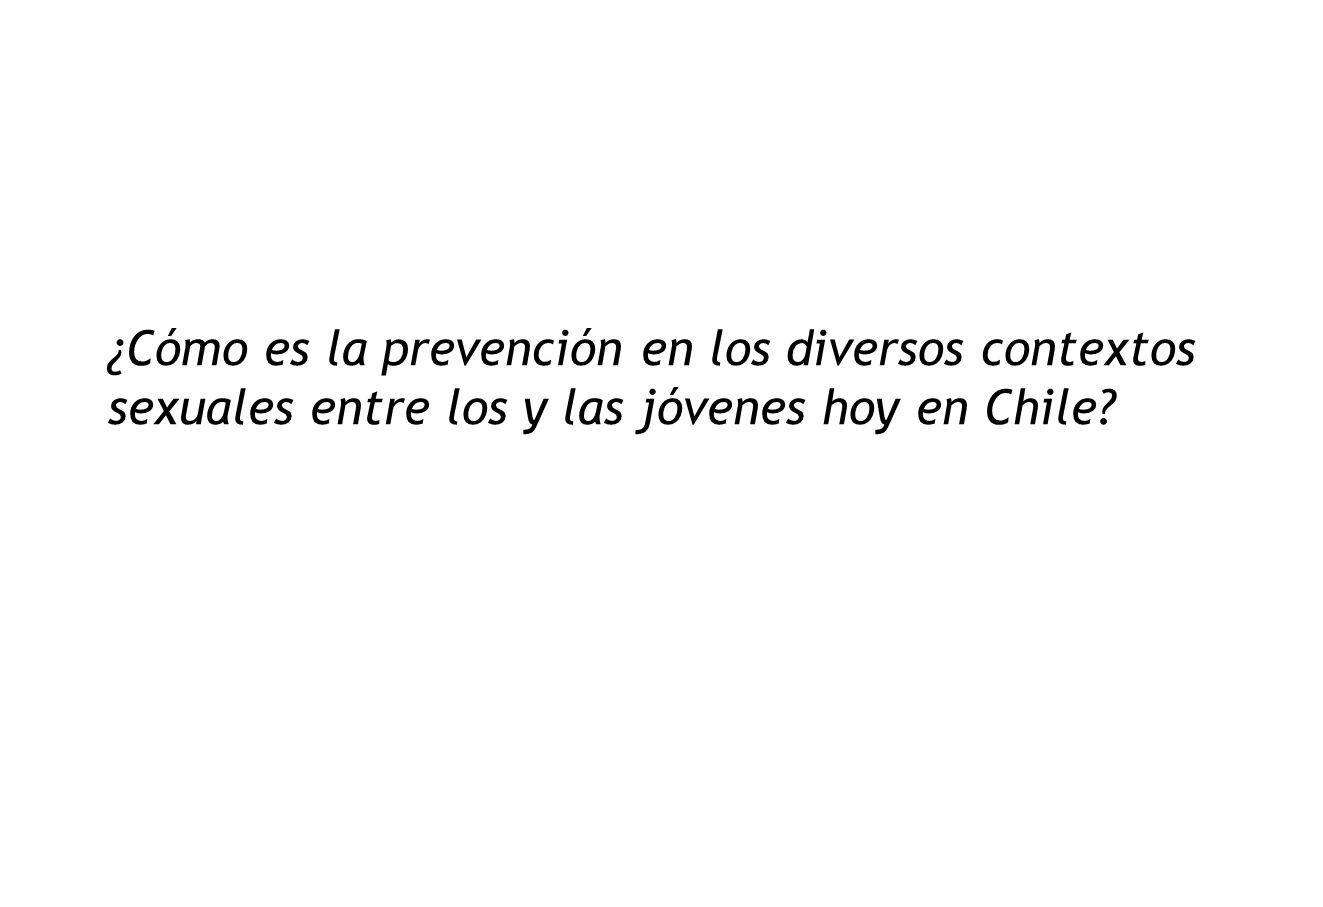 ¿Cómo es la prevención en los diversos contextos sexuales entre los y las jóvenes hoy en Chile?